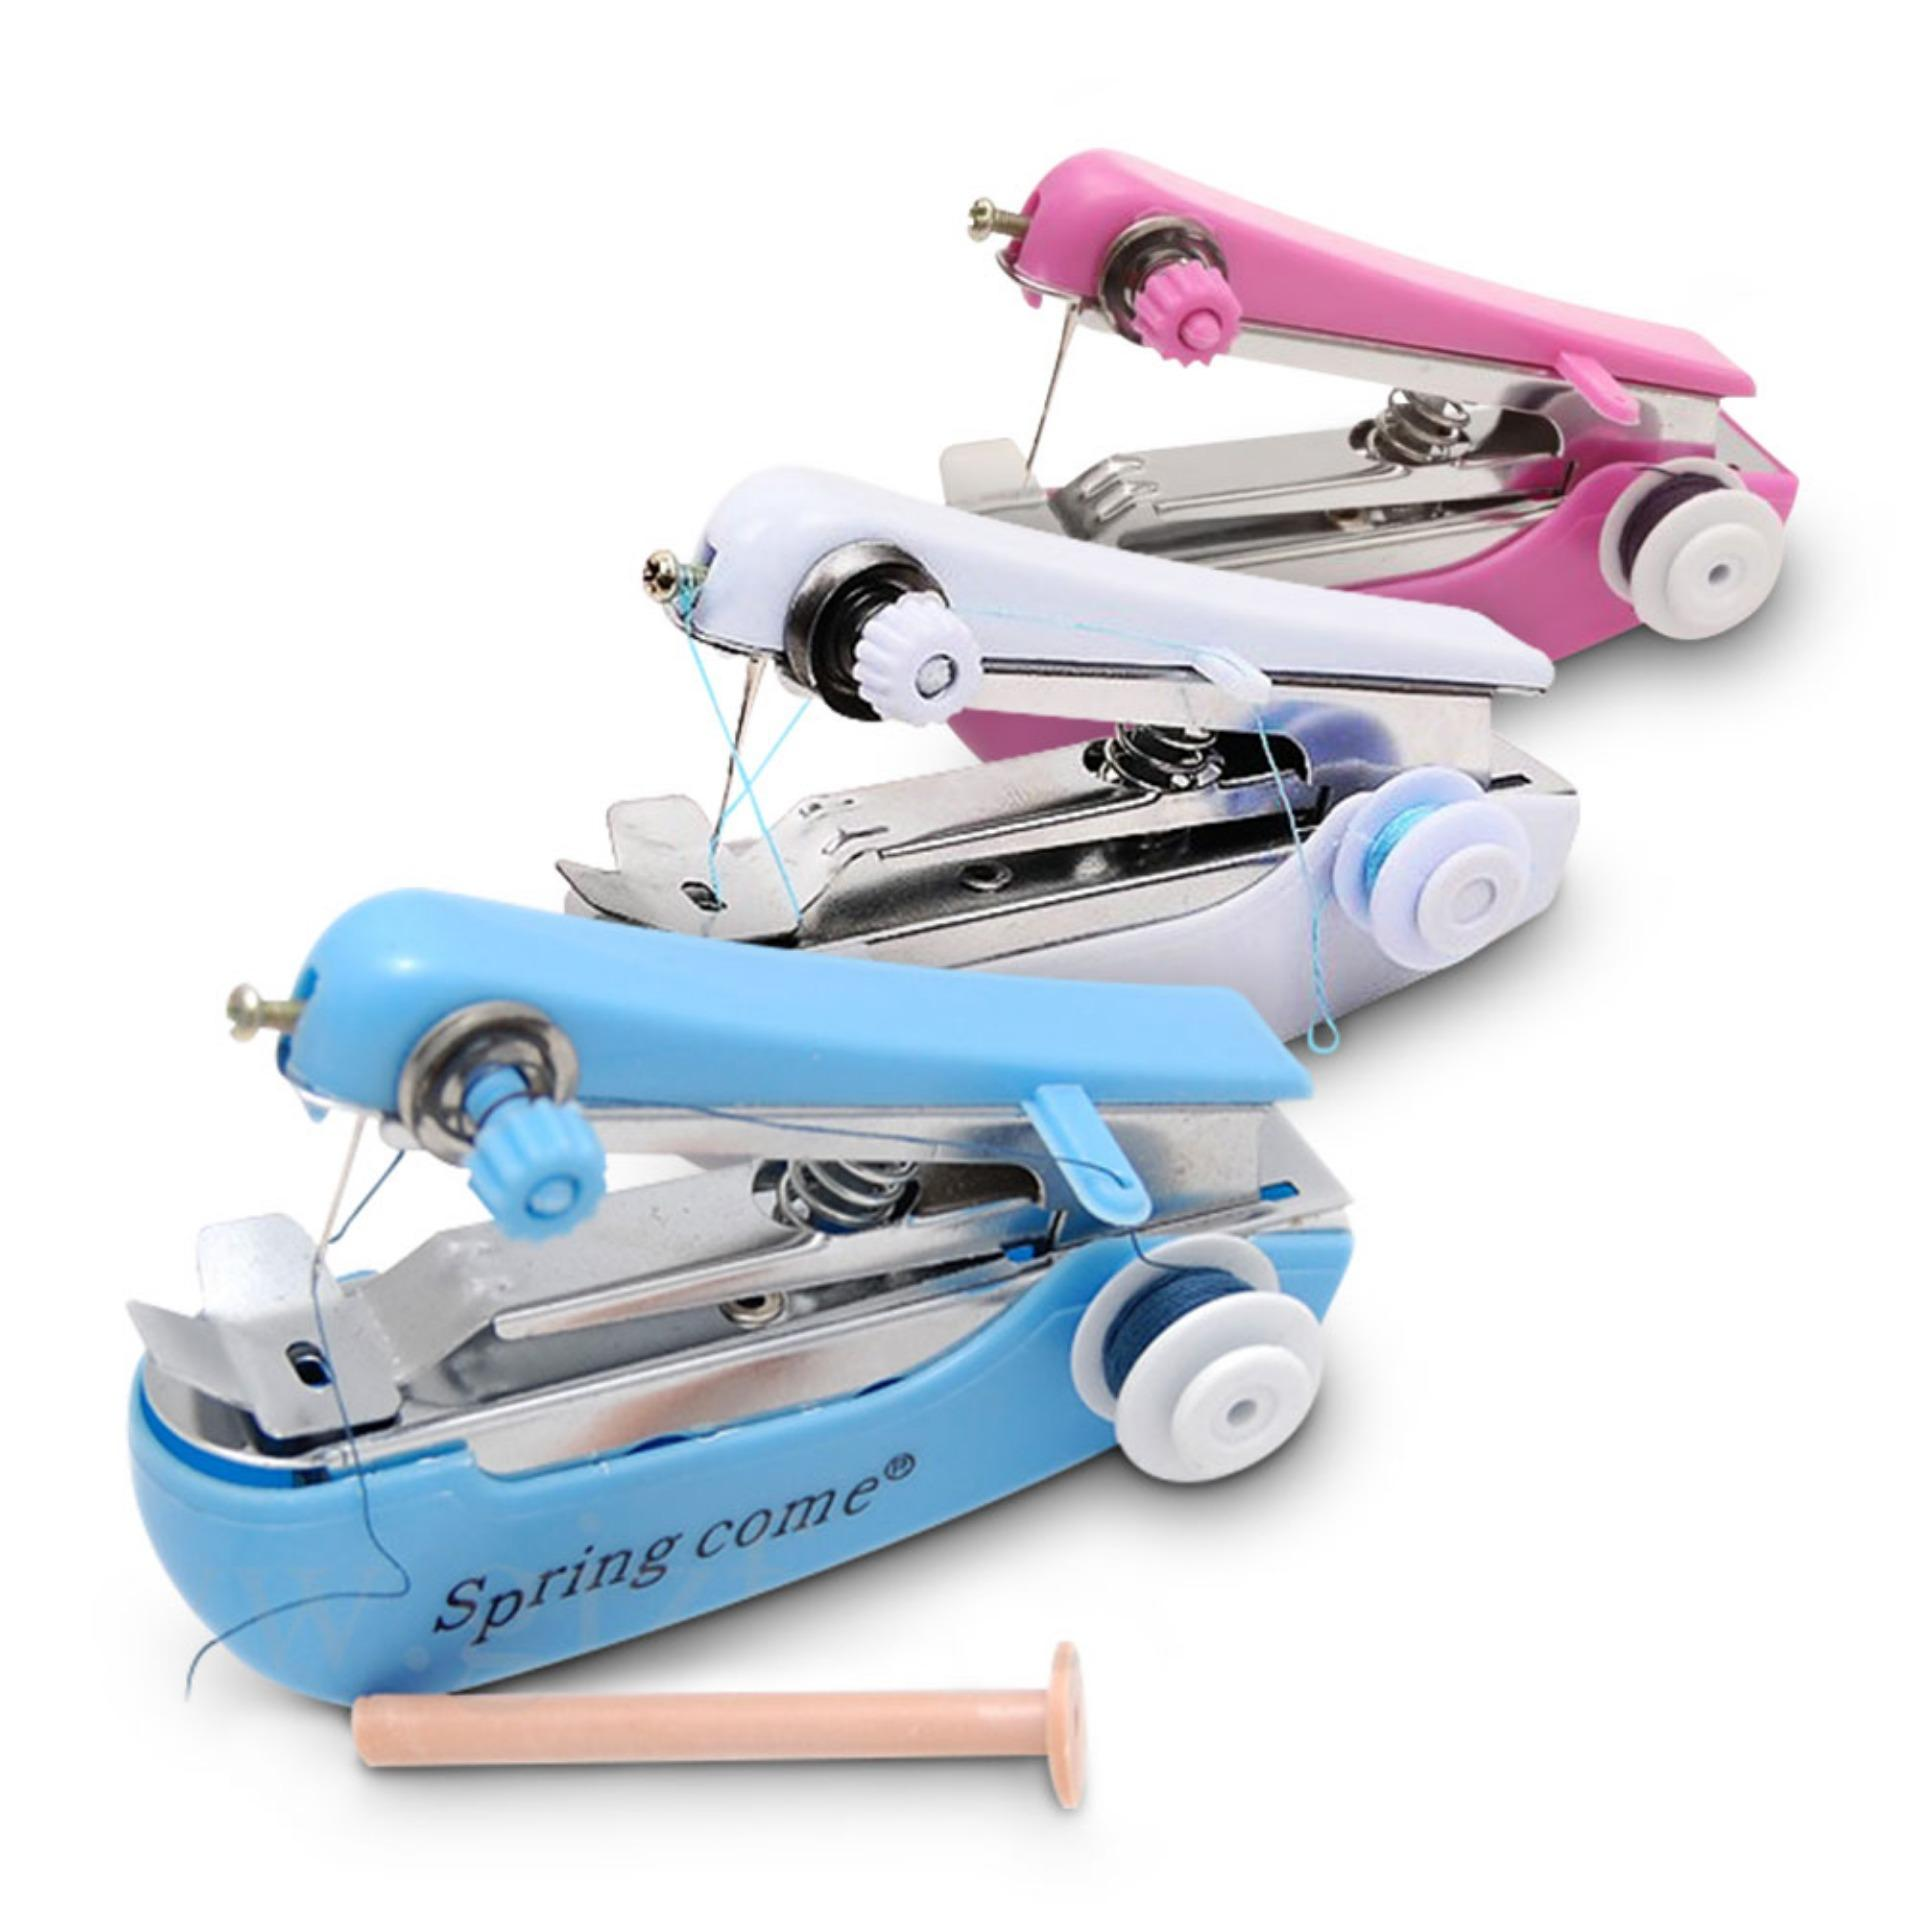 mesin jahit baju mini tangan / sewing singer staples